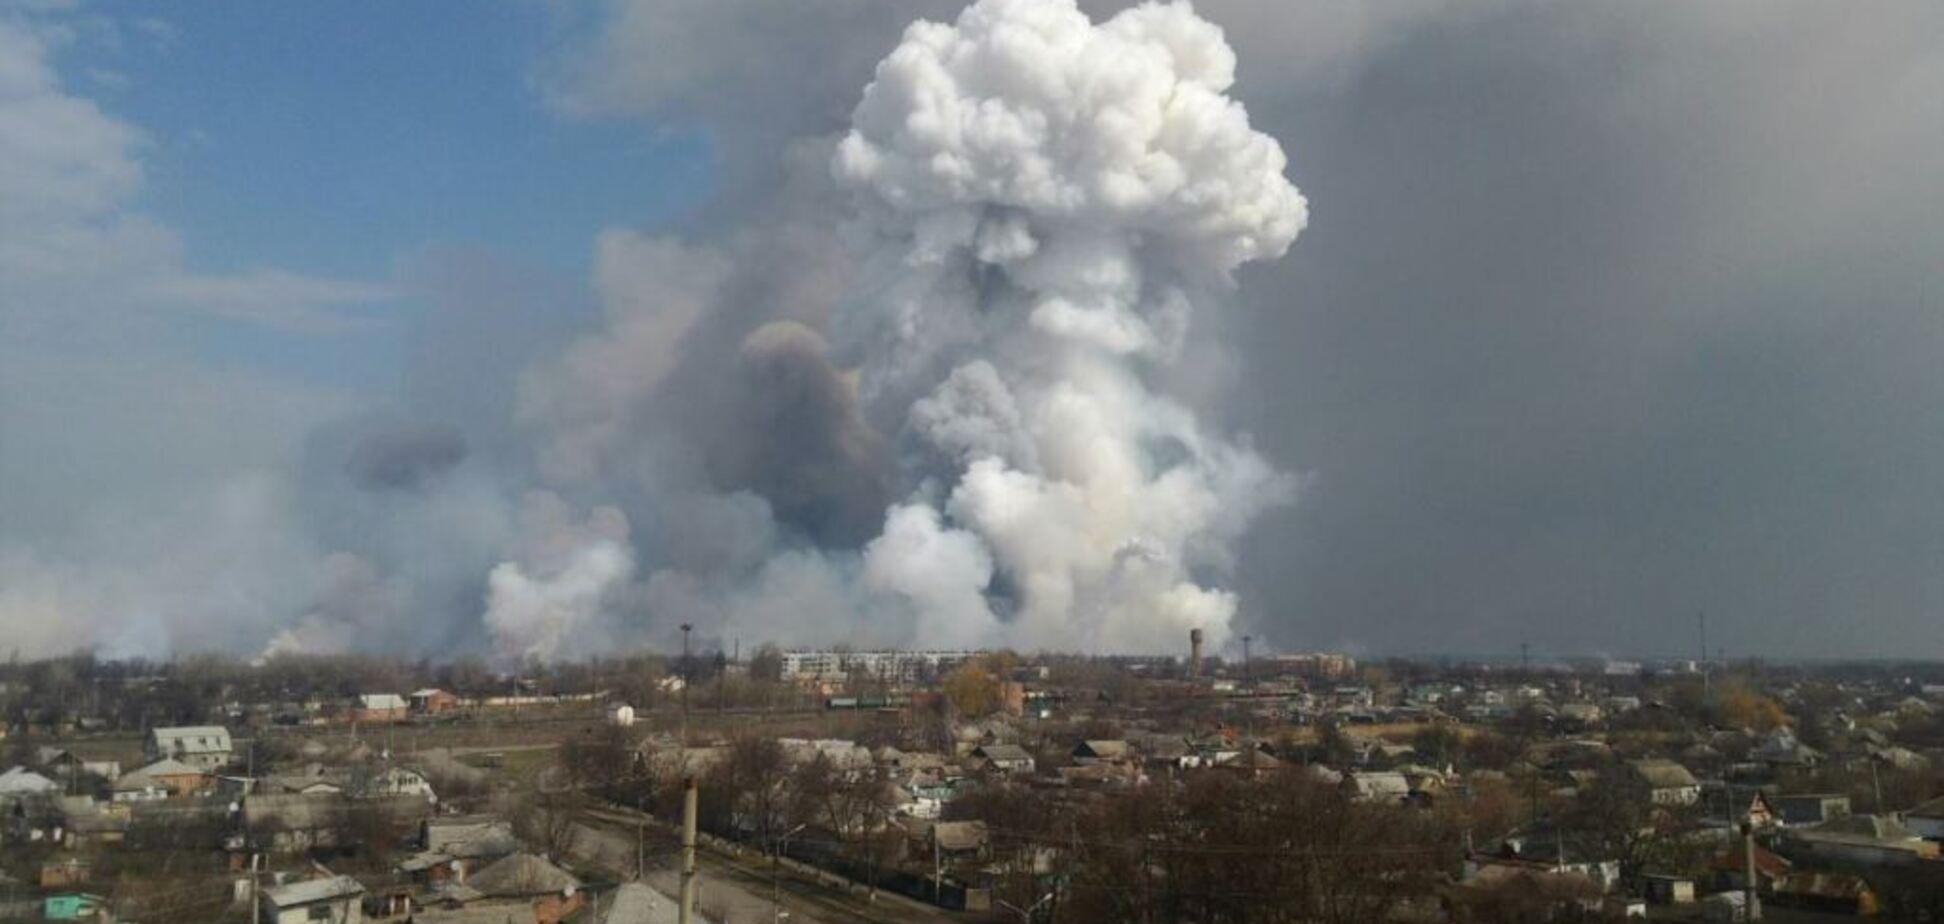 Підриви, дим і переживання: що ж відбулось у Балаклії